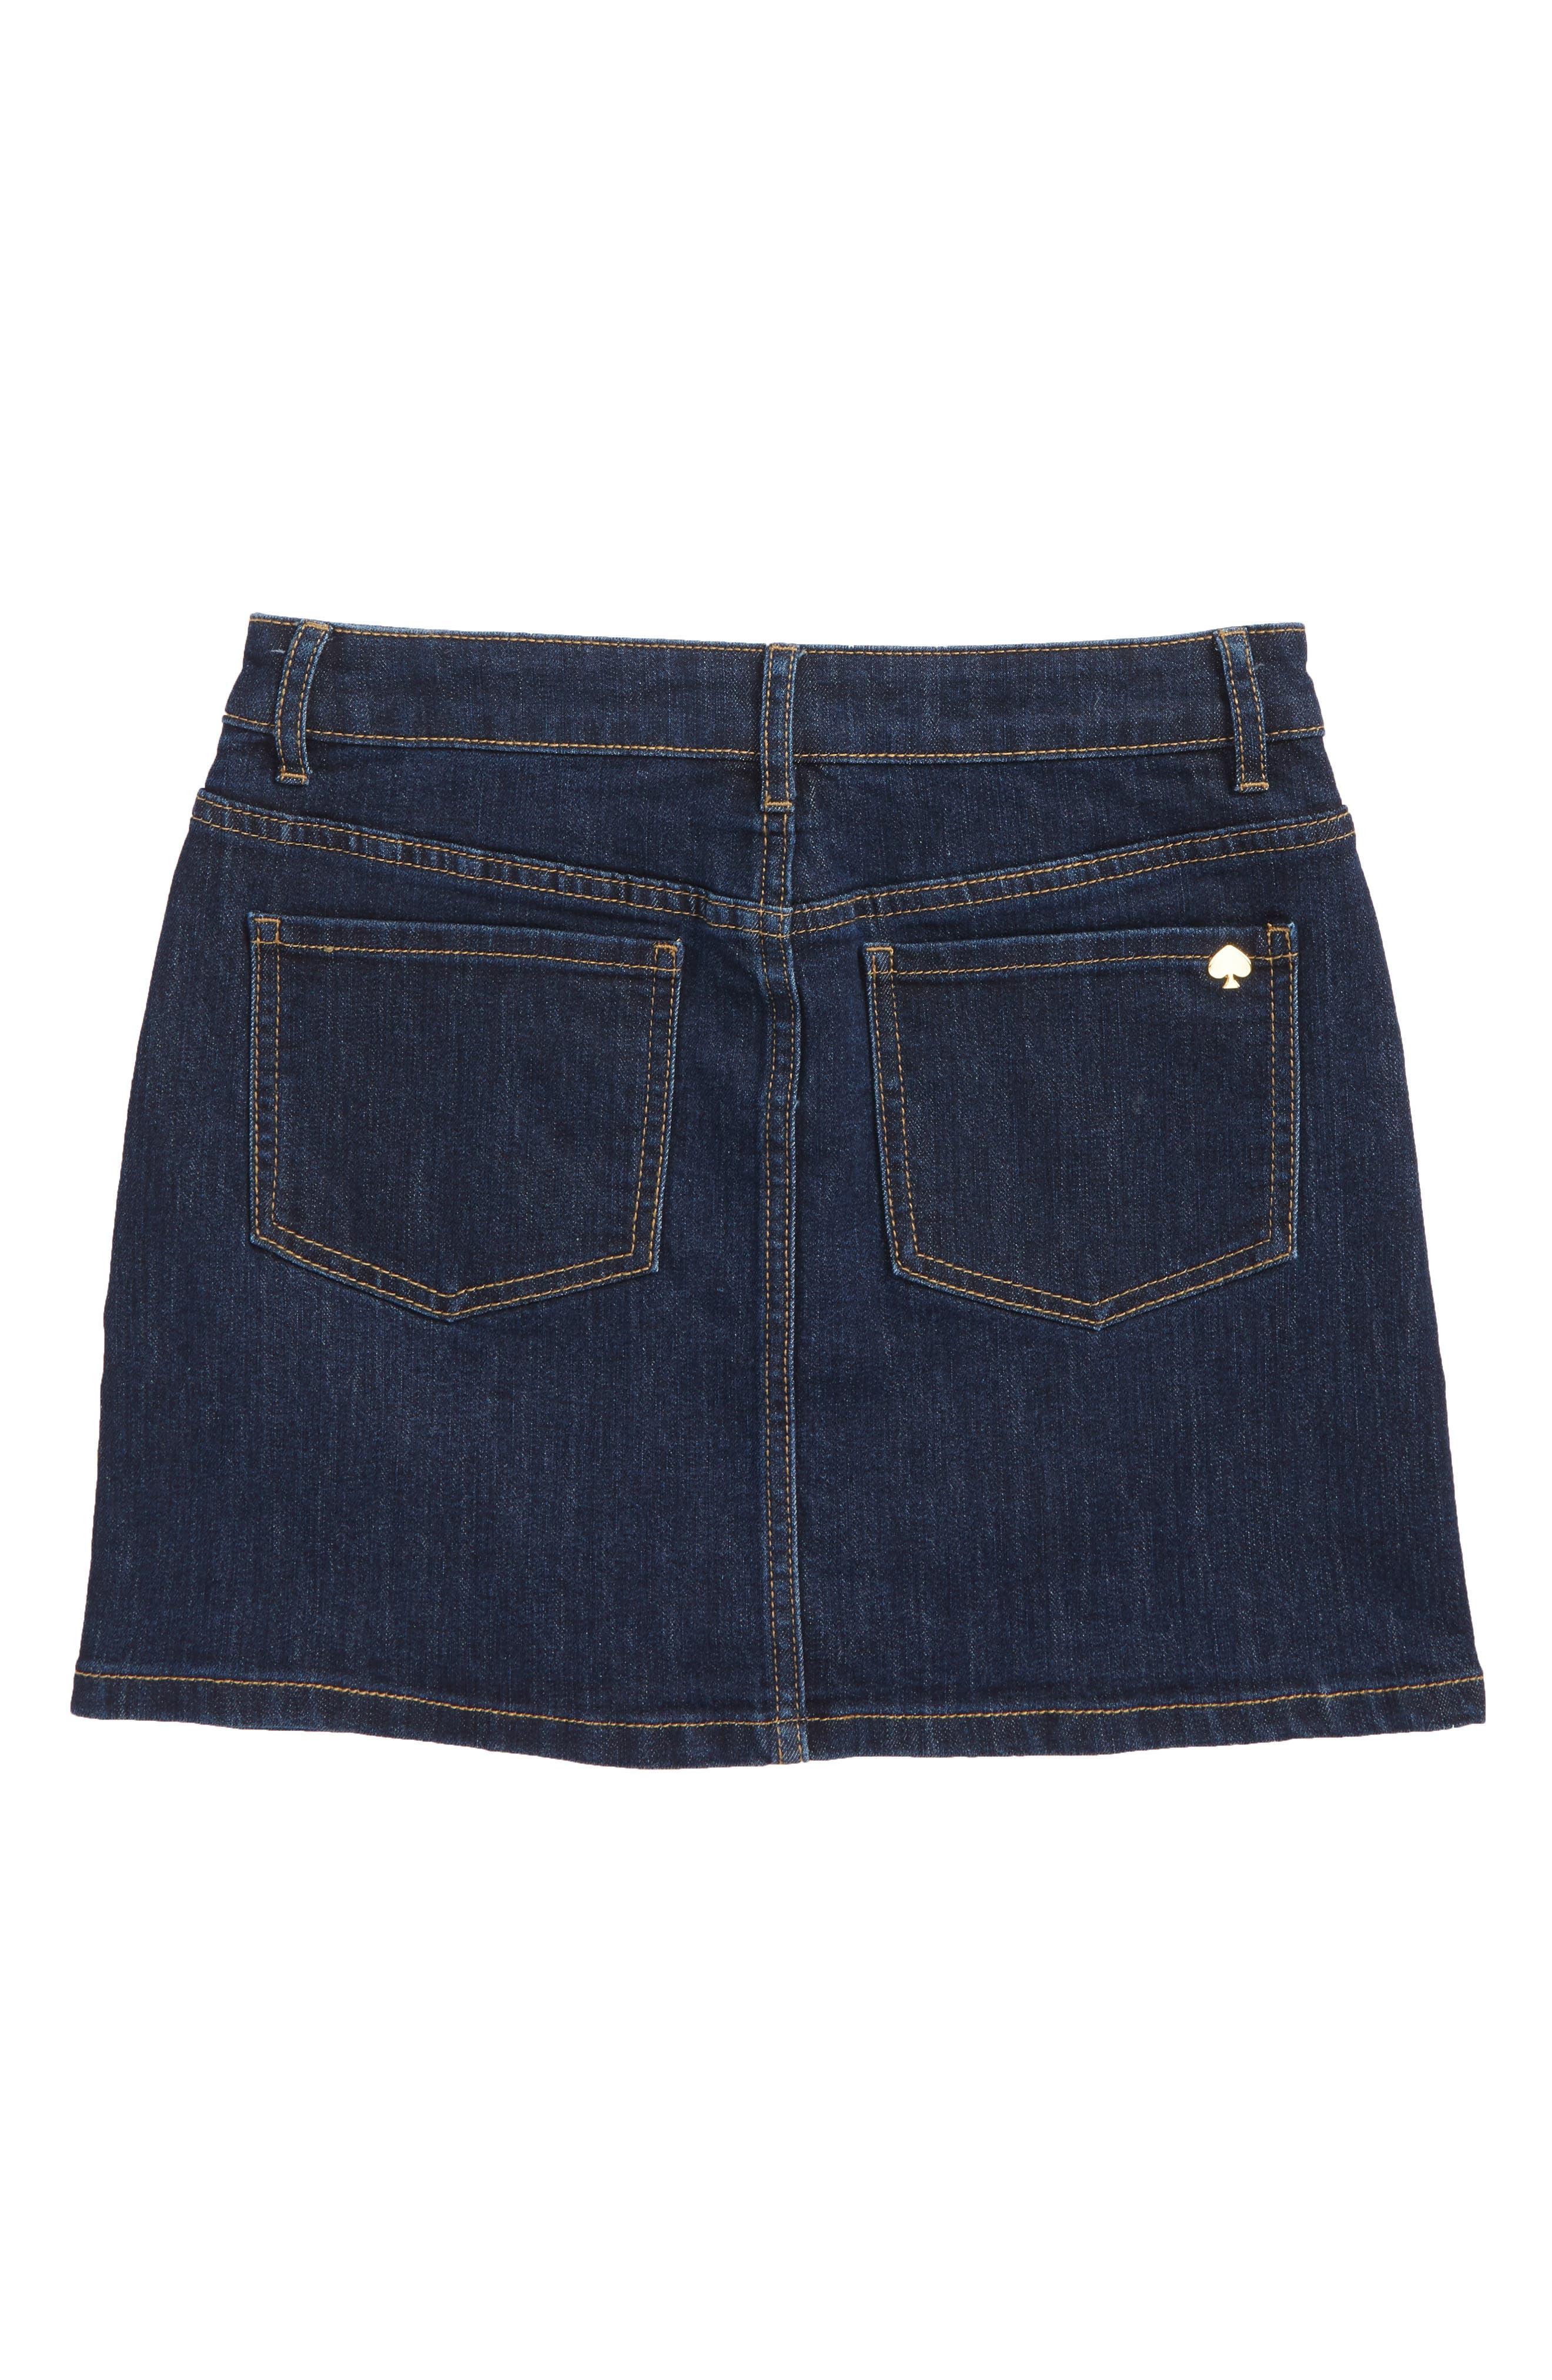 denim skirt,                             Alternate thumbnail 2, color,                             Denim Indigo